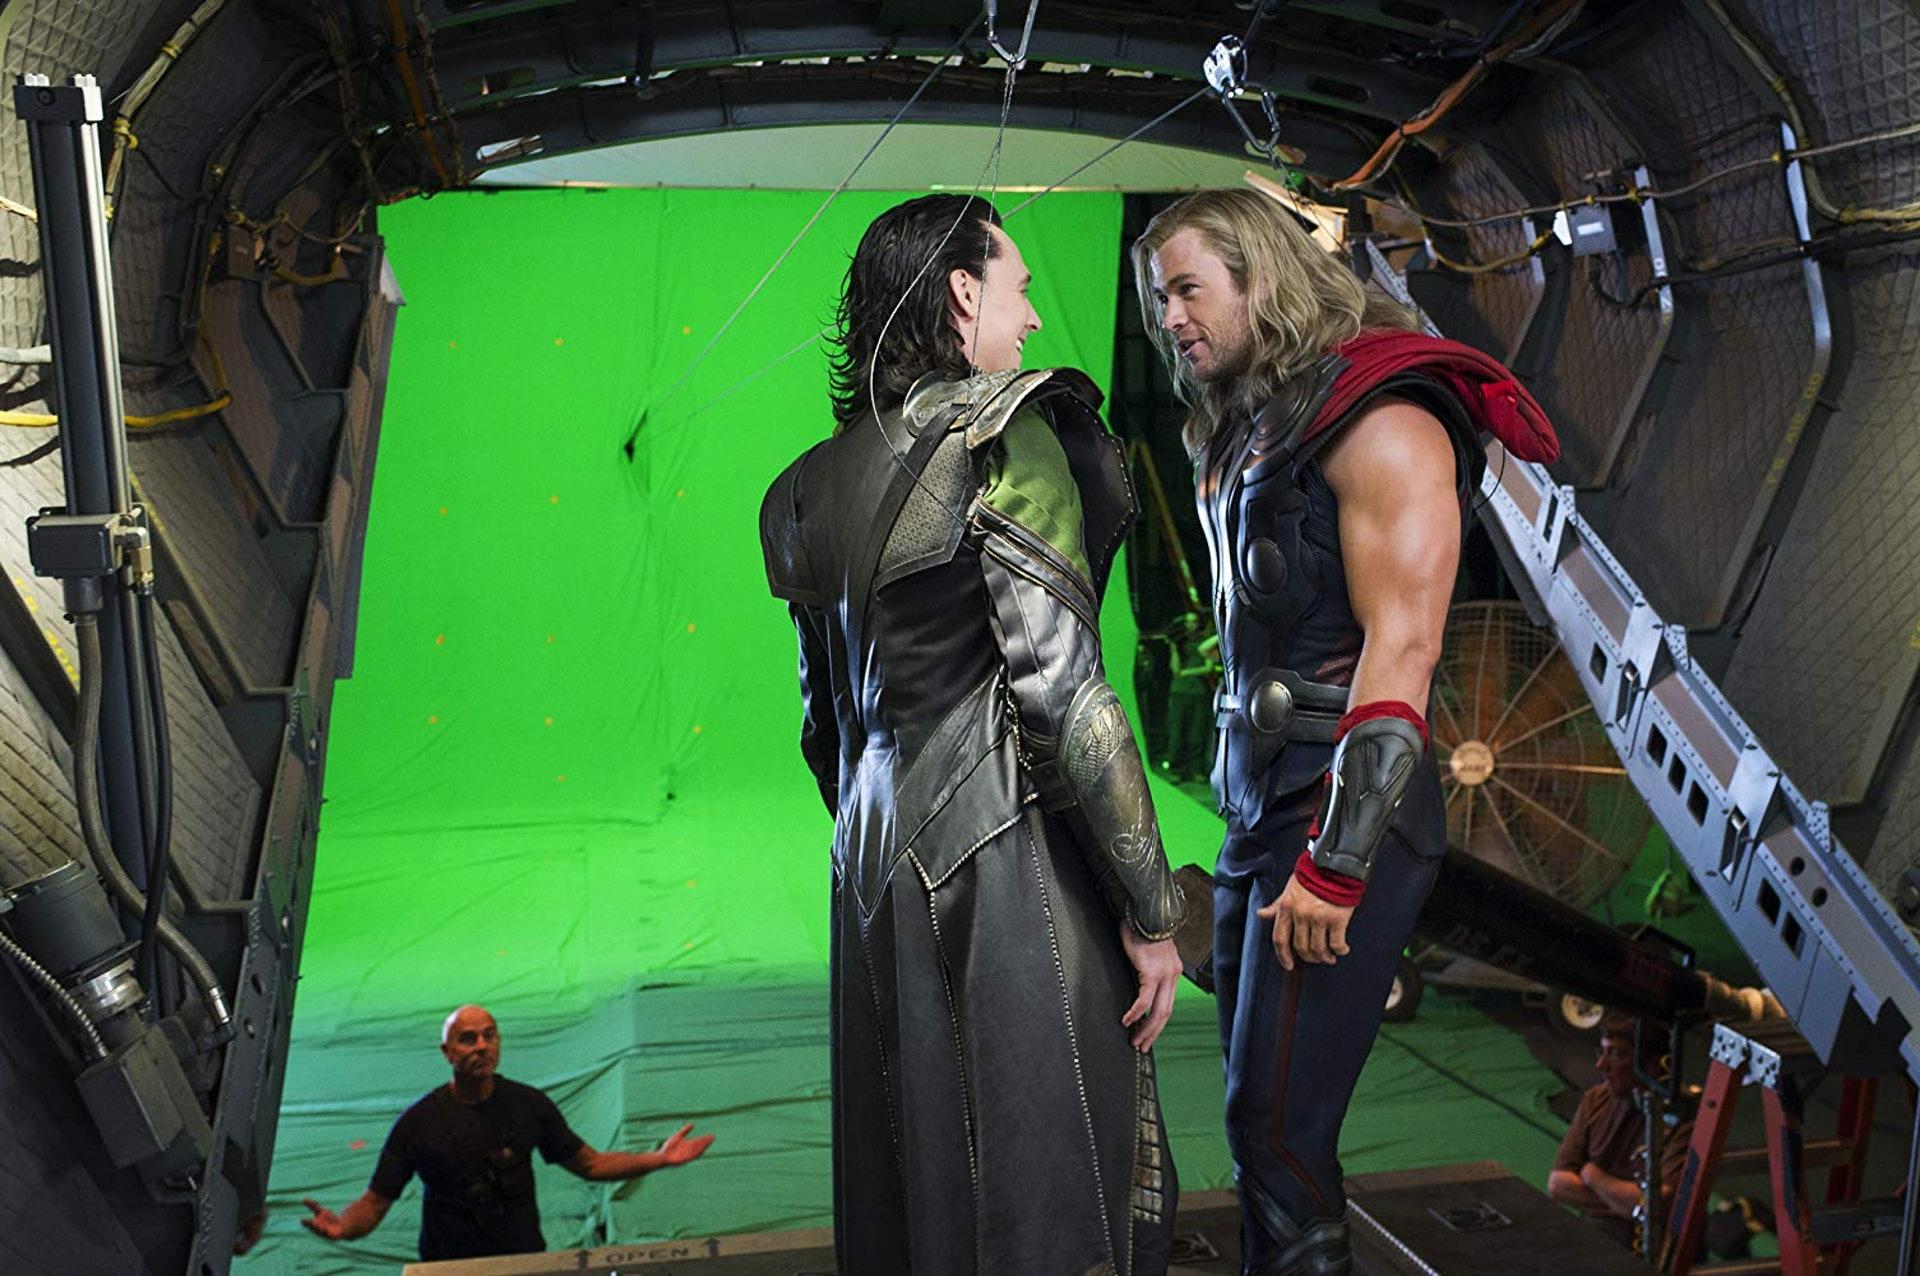 湯姆希德斯頓(Tom Hiddleston)-洛基與克里斯漢斯沃 (Chris Hemsworth)-雷神索爾